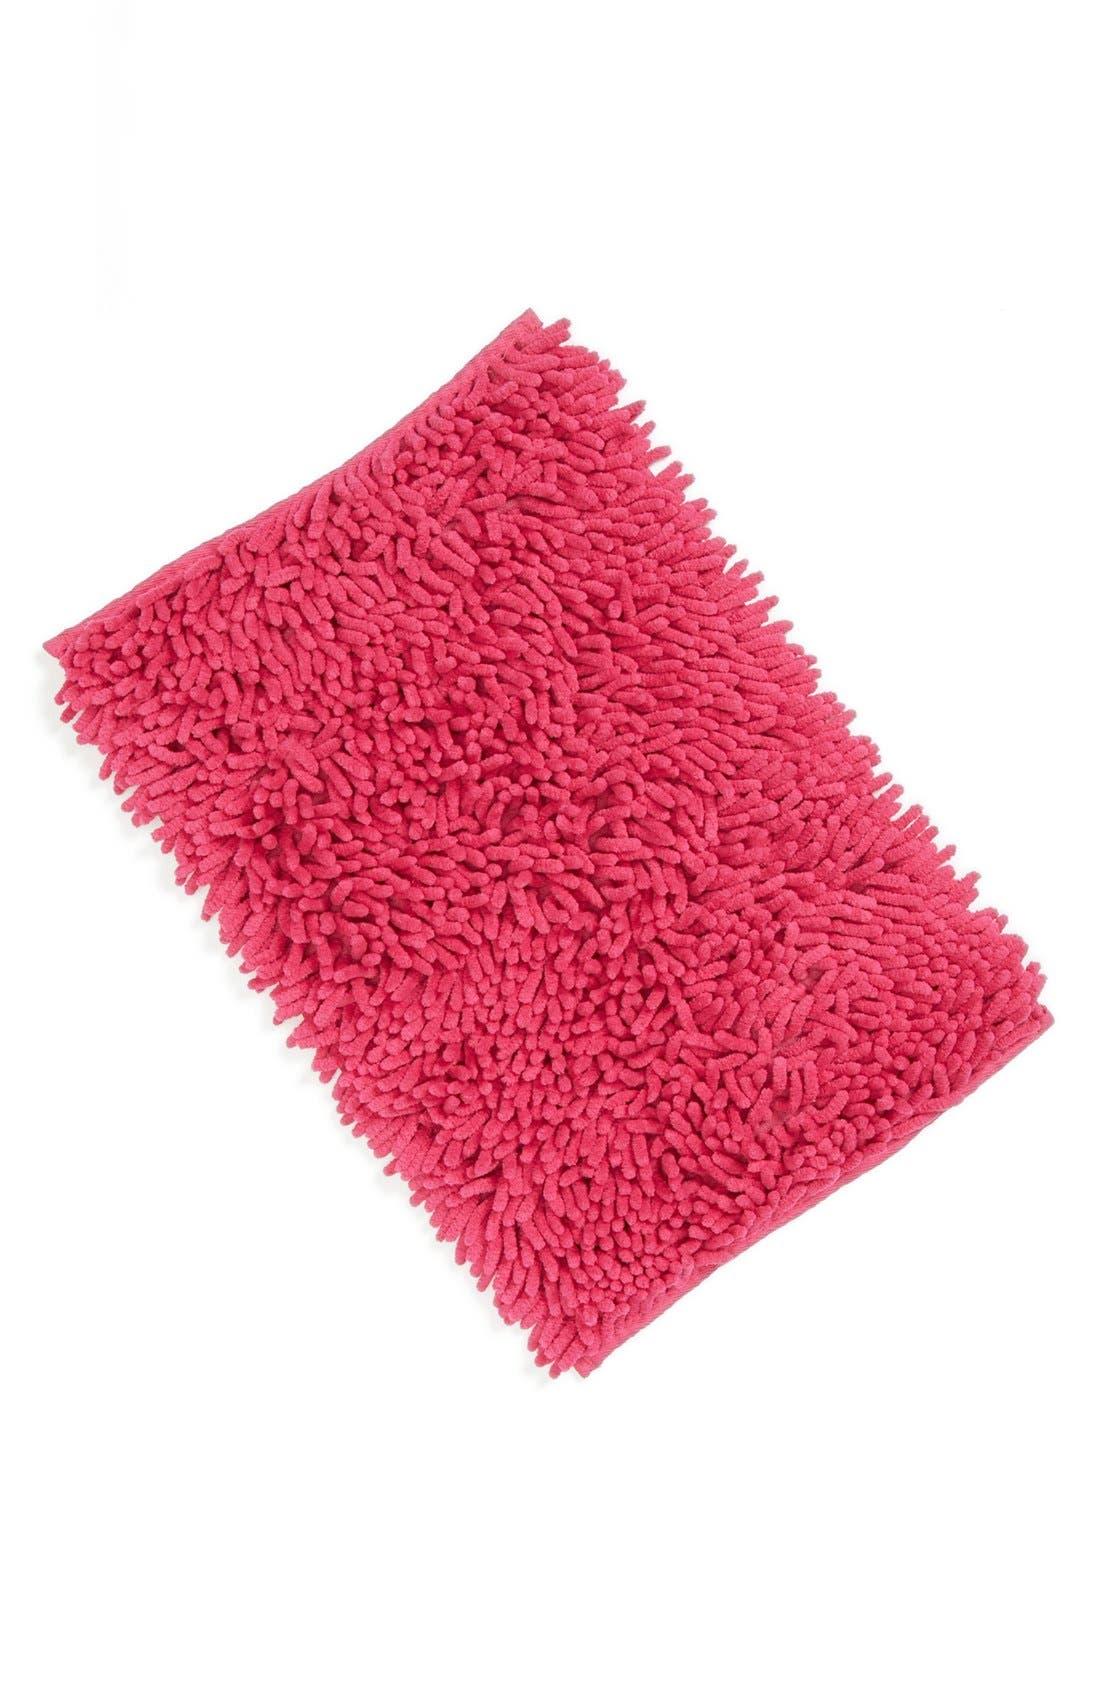 Main Image - 3C4G Locker-Sized Shag Carpet